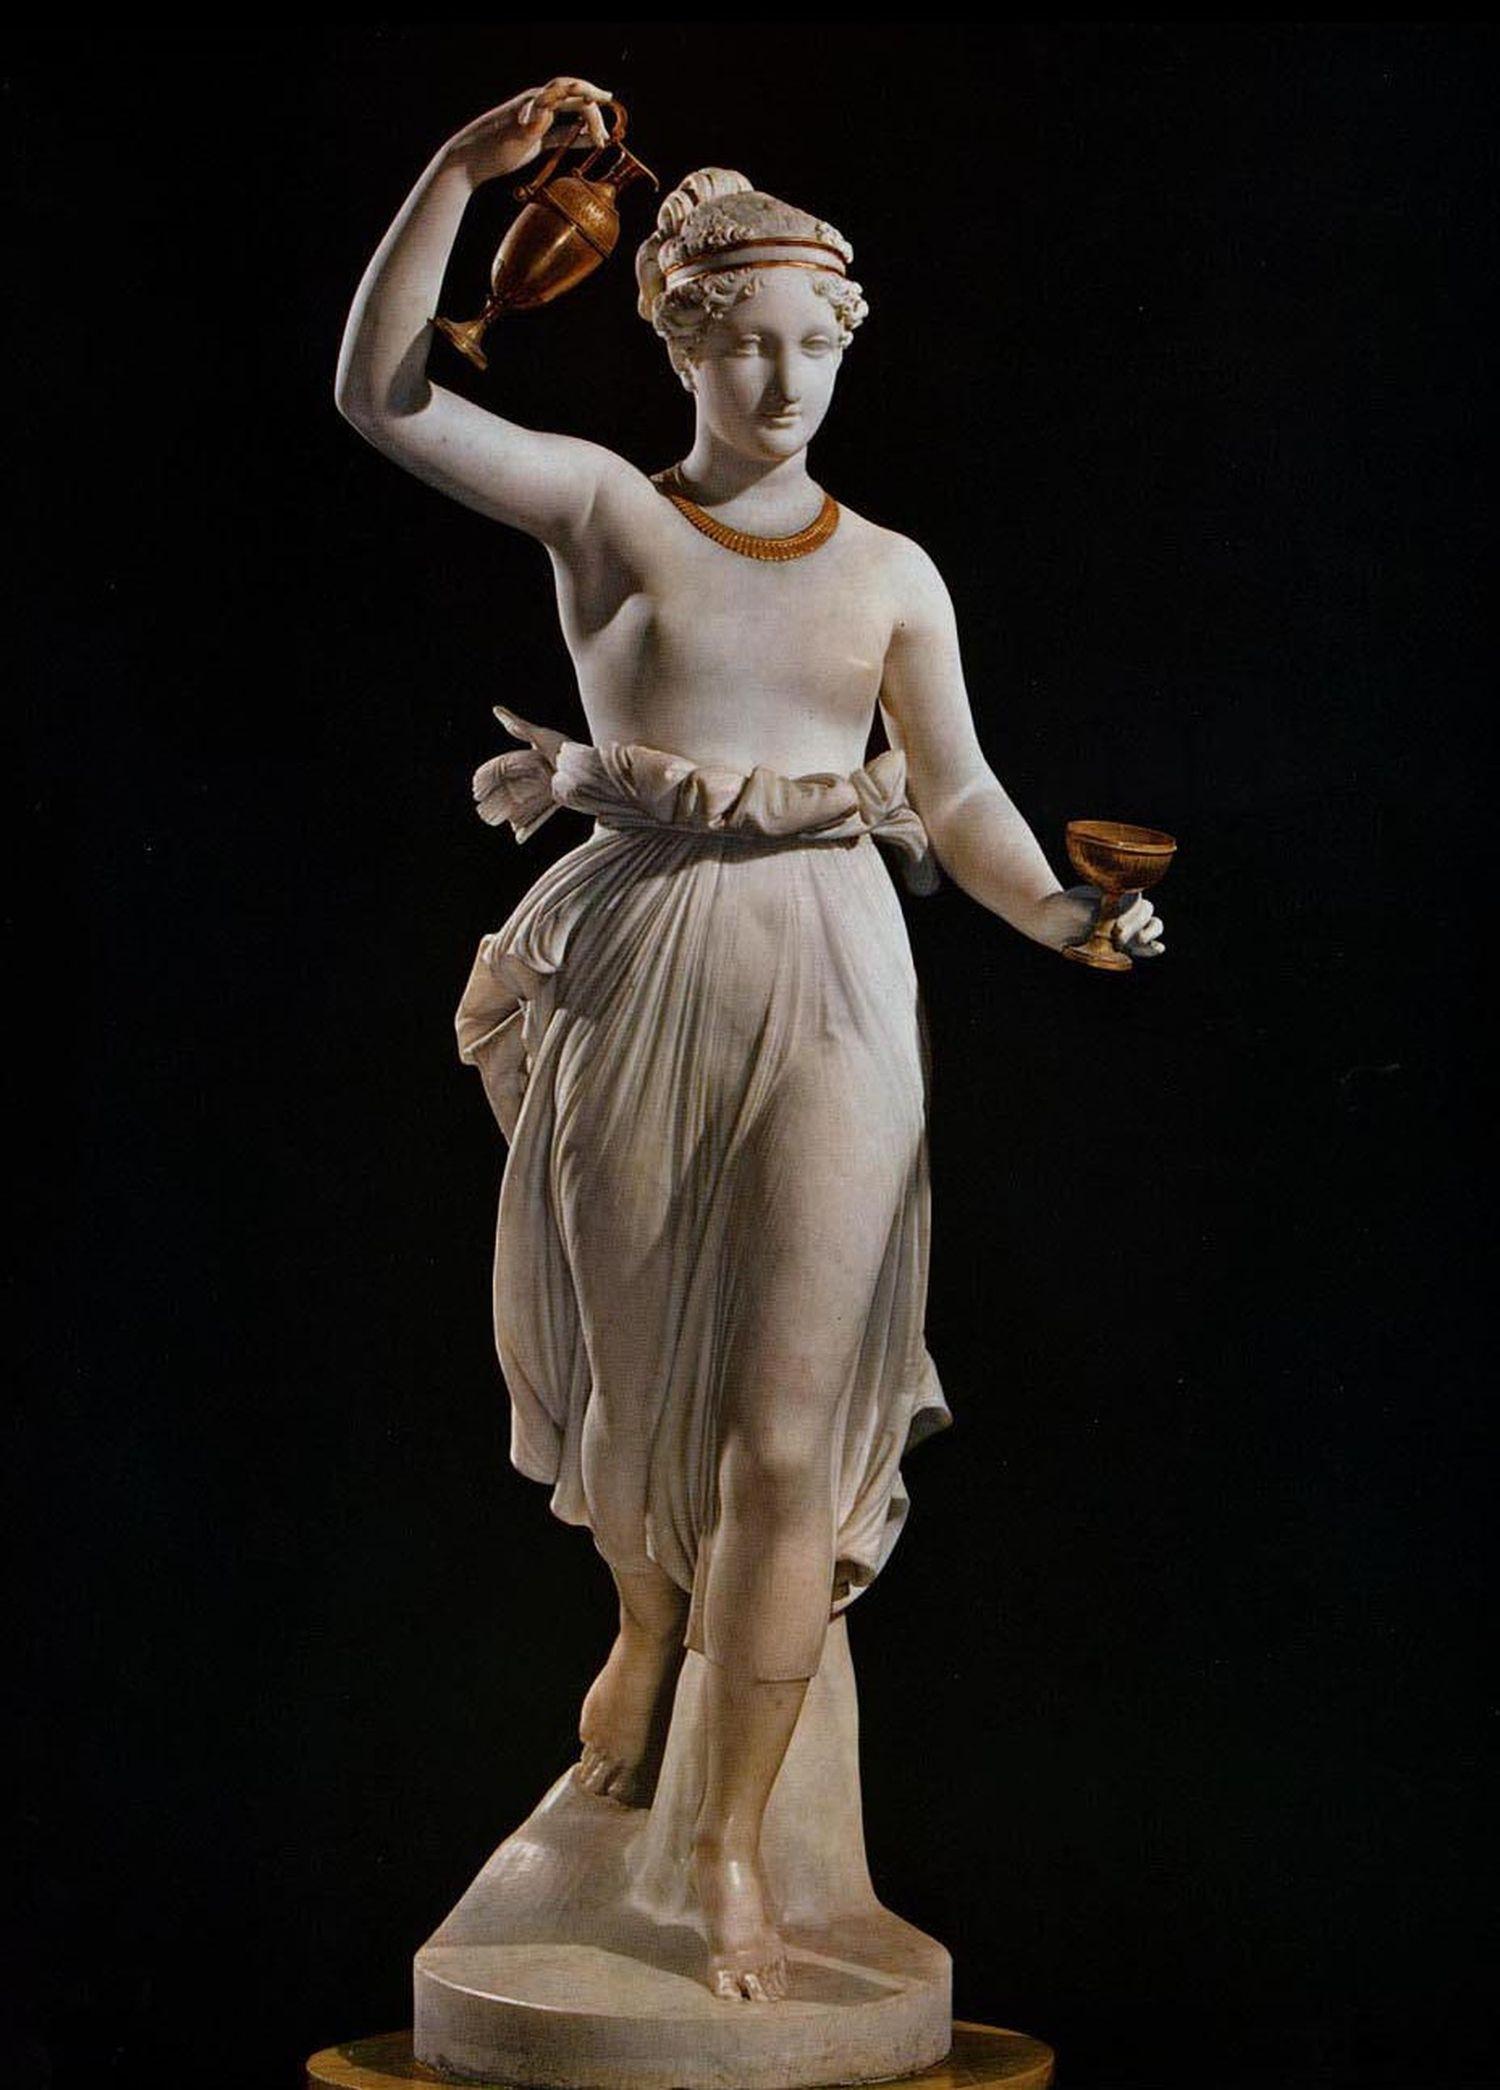 Ebe - Museo di San Domenico, Forlì